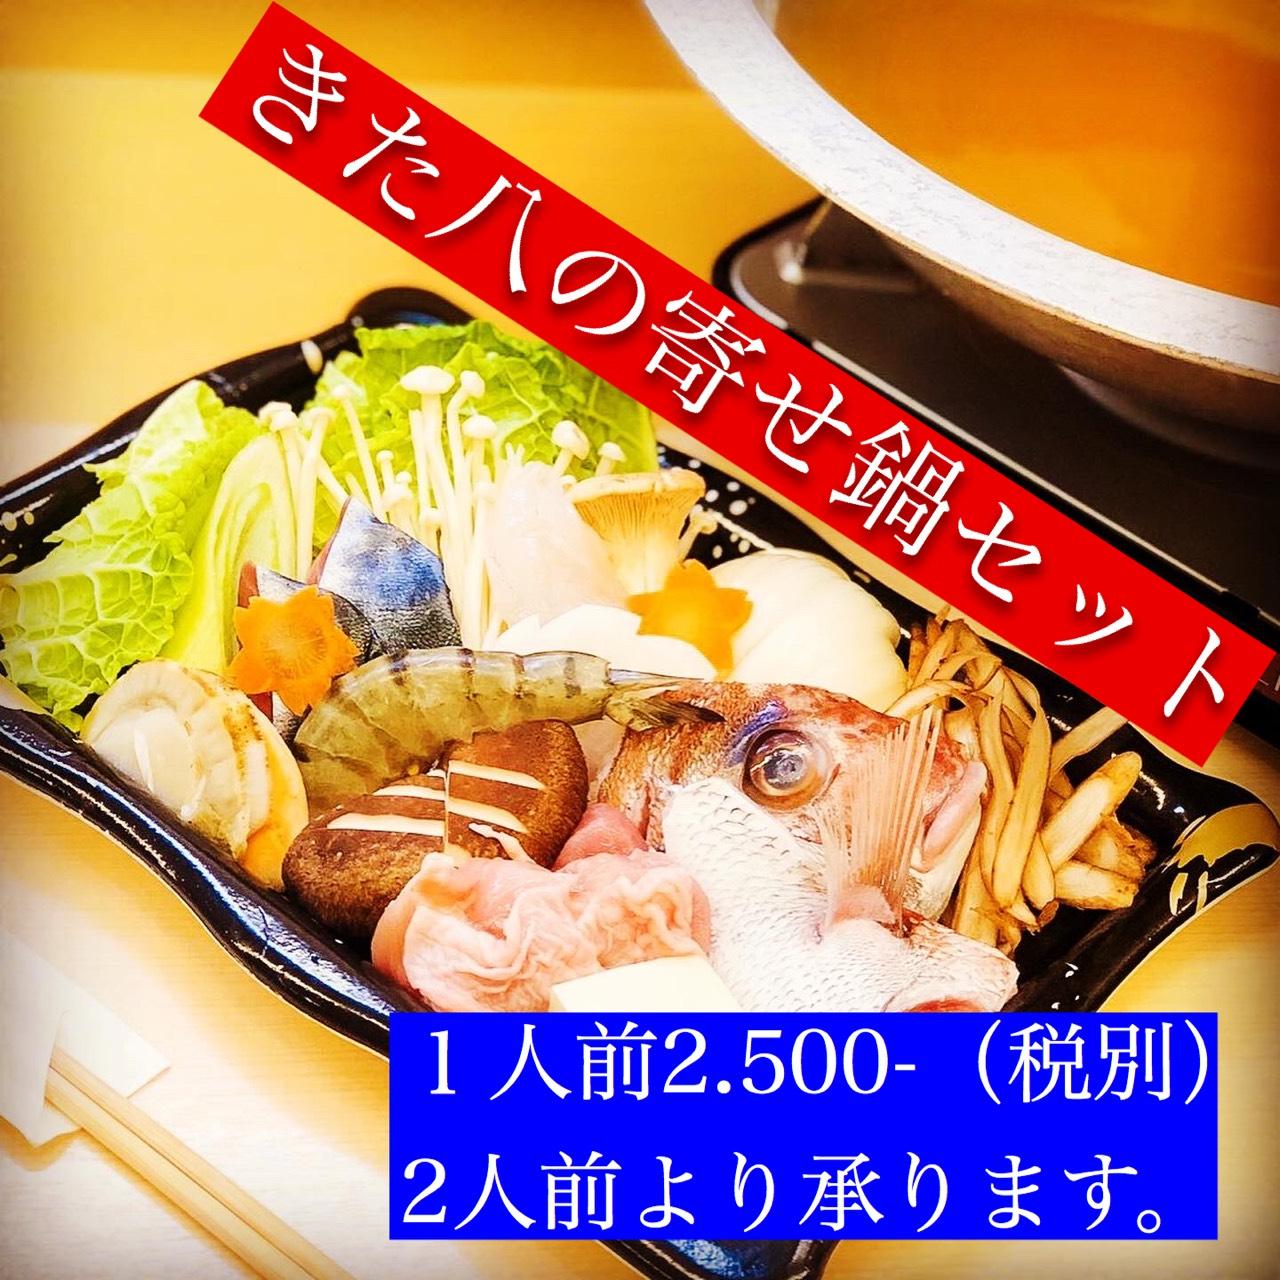 活魚料理 きた八